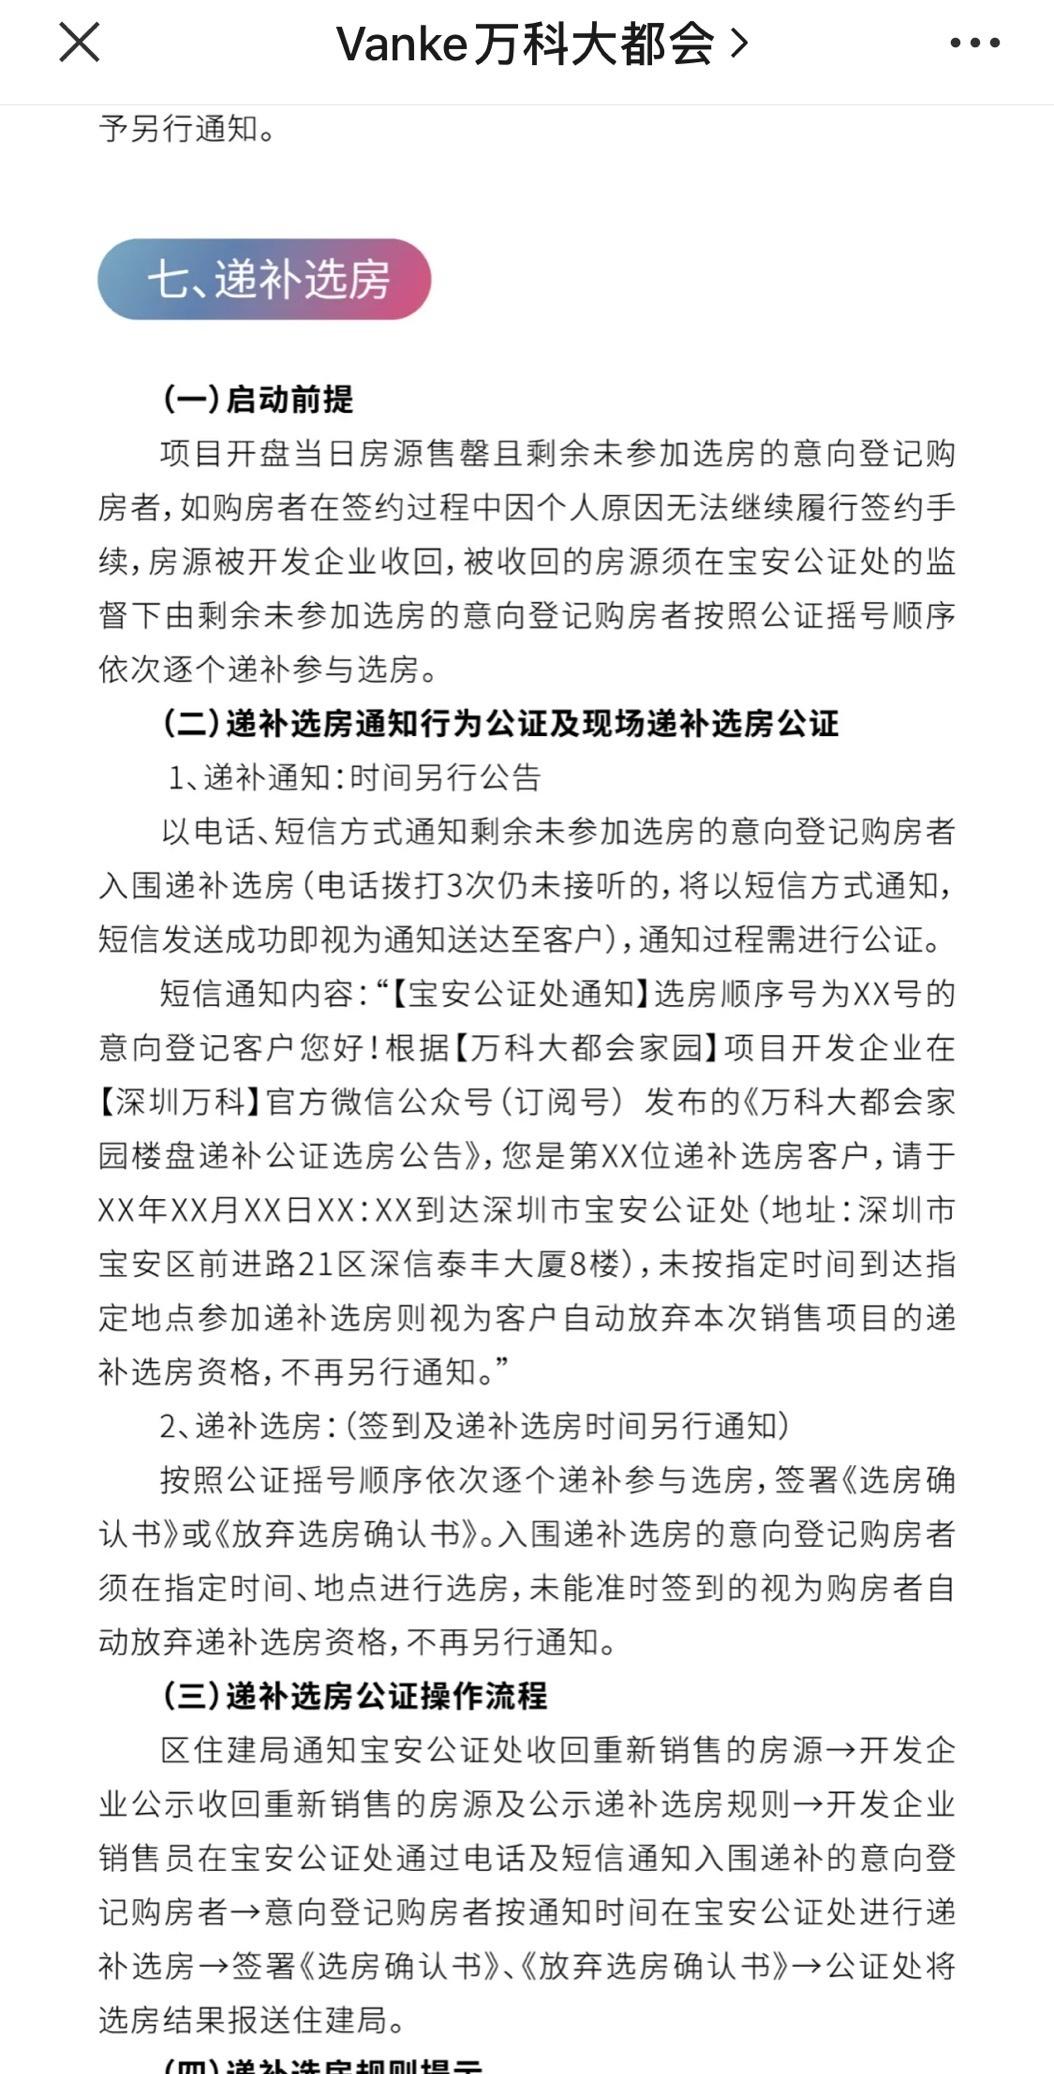 """深圳出招封堵打新漏洞!""""递补选房""""上线,喝茶费要被终结?"""